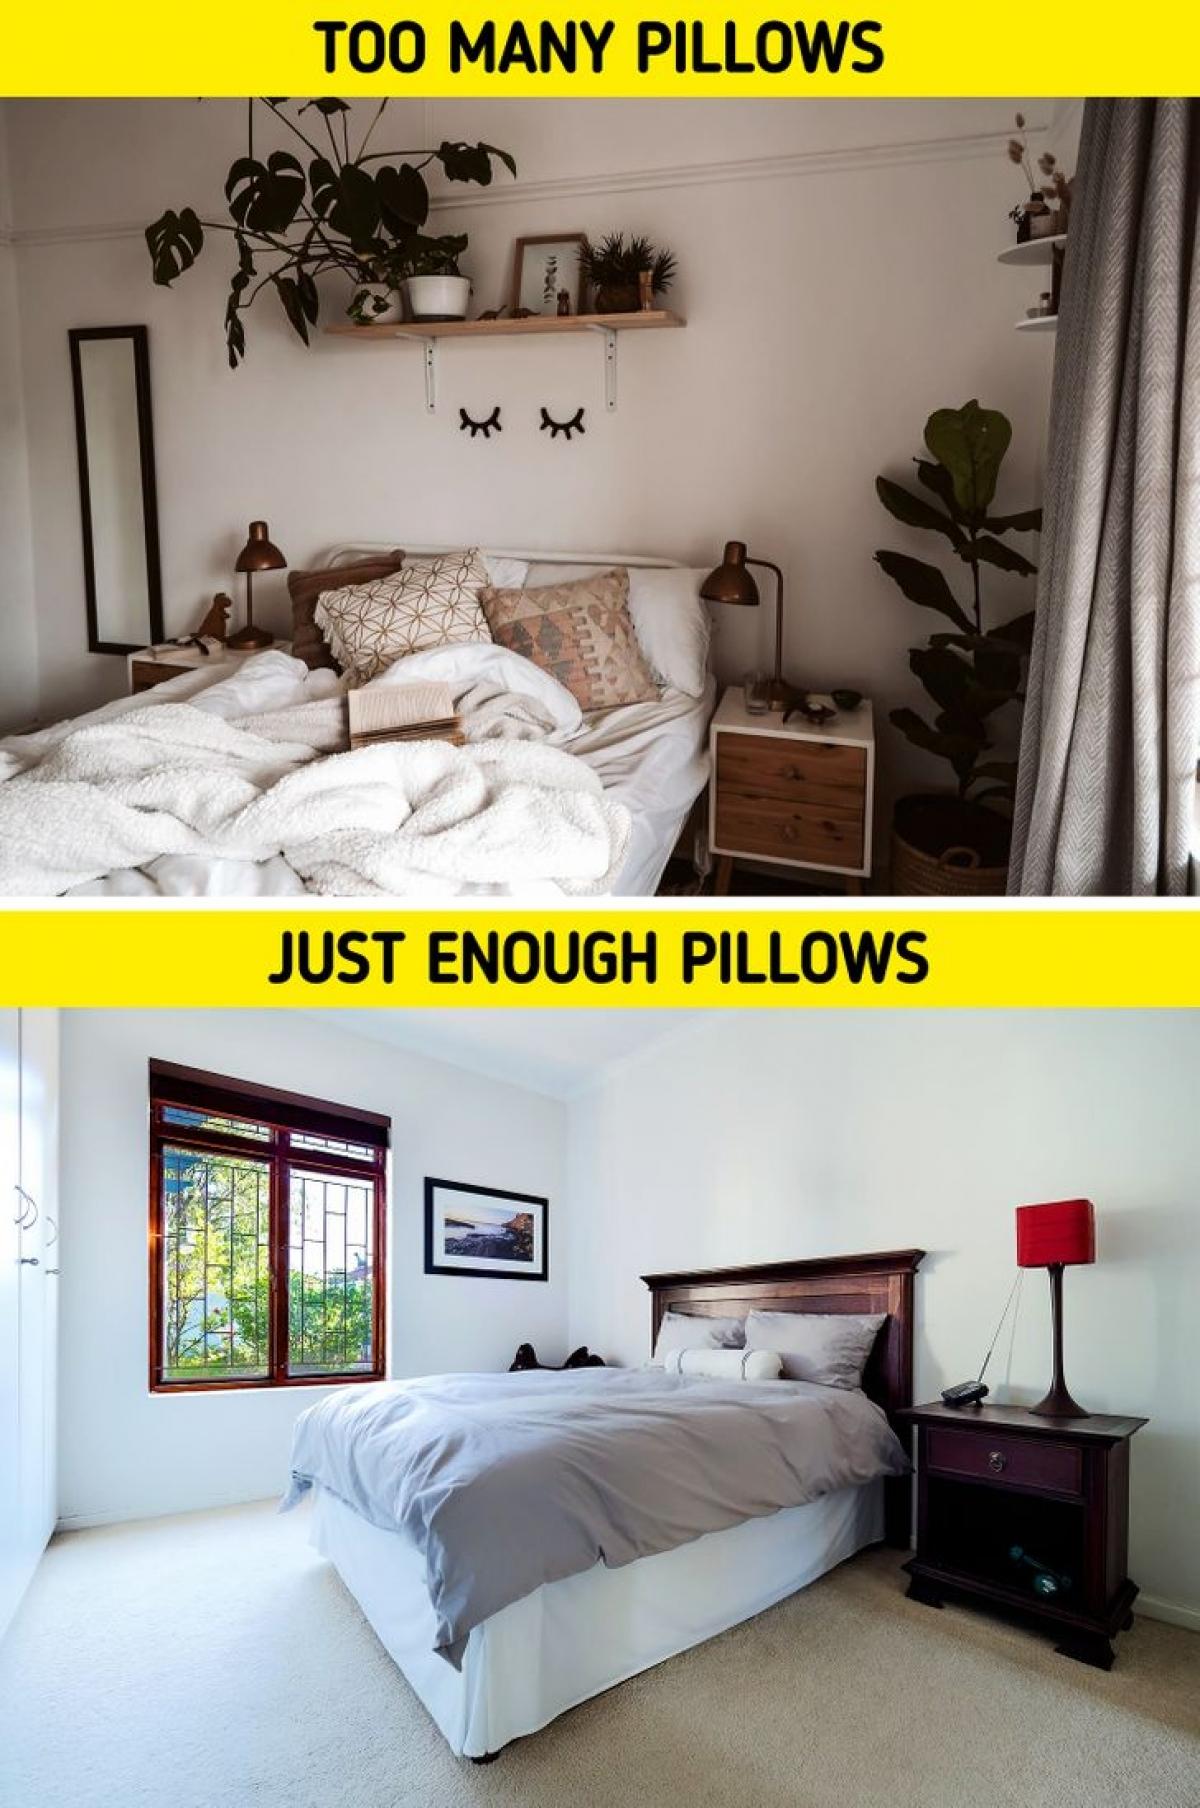 Những sai lầm nhiều người mắc khi thiết kế phòng ngủ - Ảnh 2